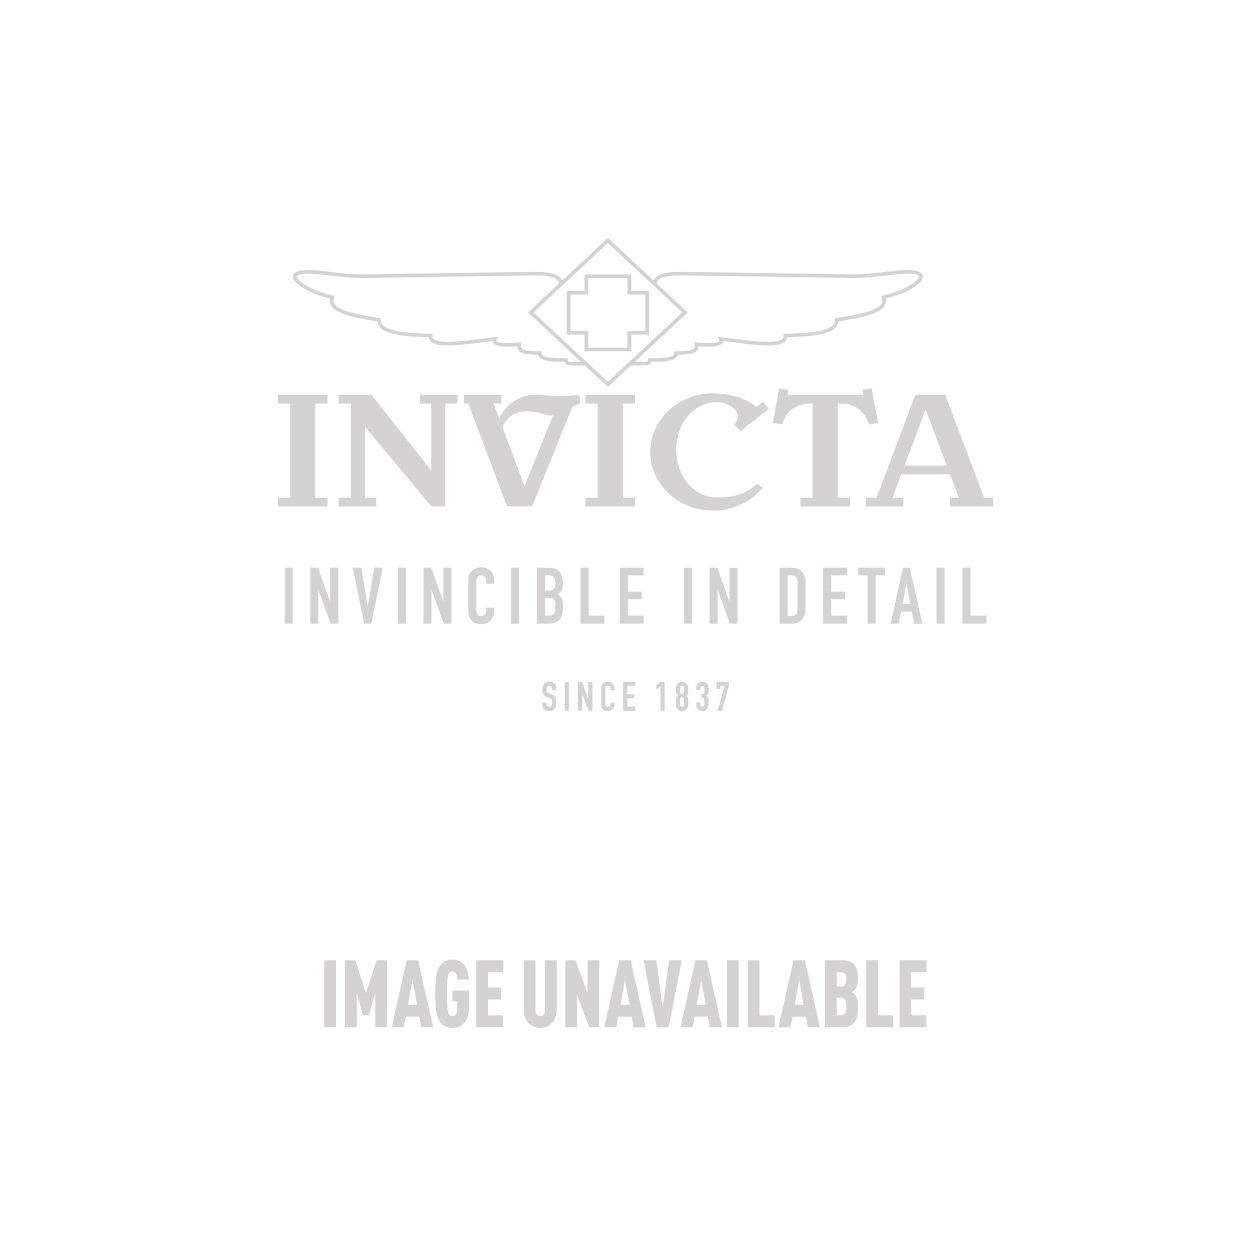 Invicta Model 27700